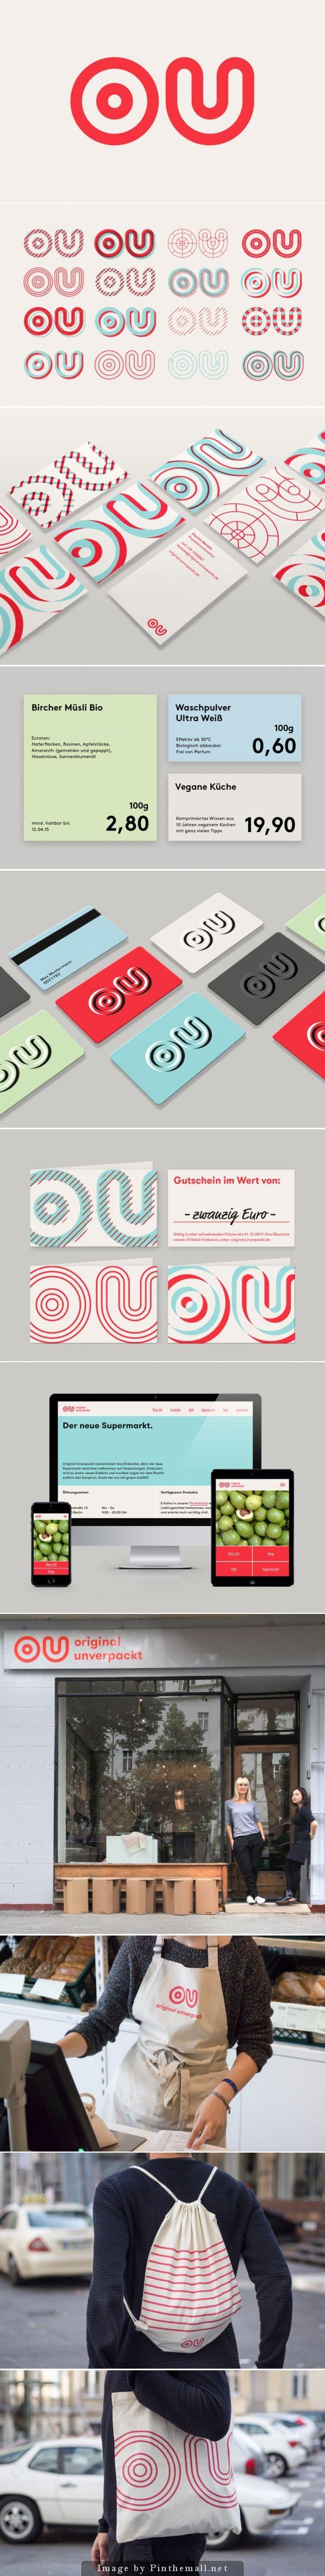 OU branding by Manuel Federl & David Jacob Hy-correu Kilian